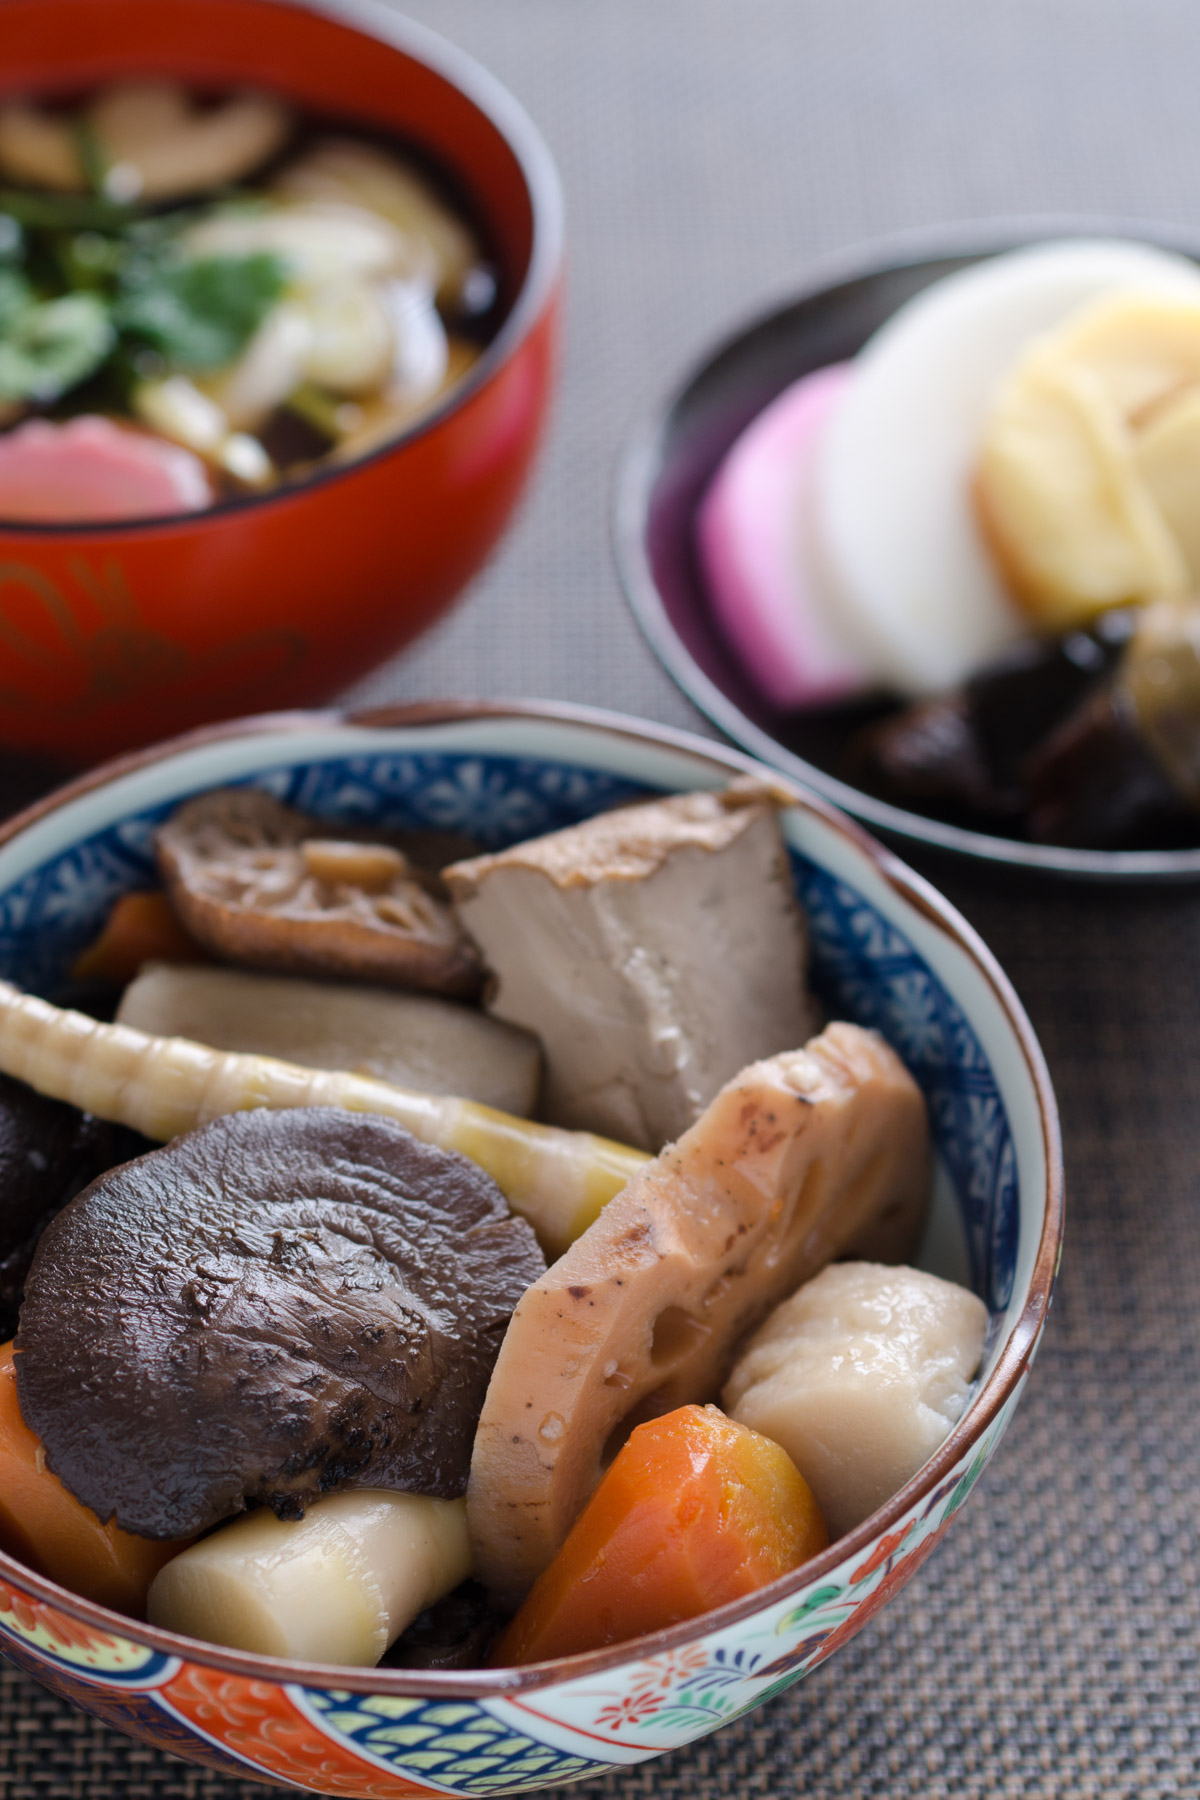 自家製の煮染め これもまた揺るぎなき正月の定番 NIKON D7000 + SIGAMA 50mm